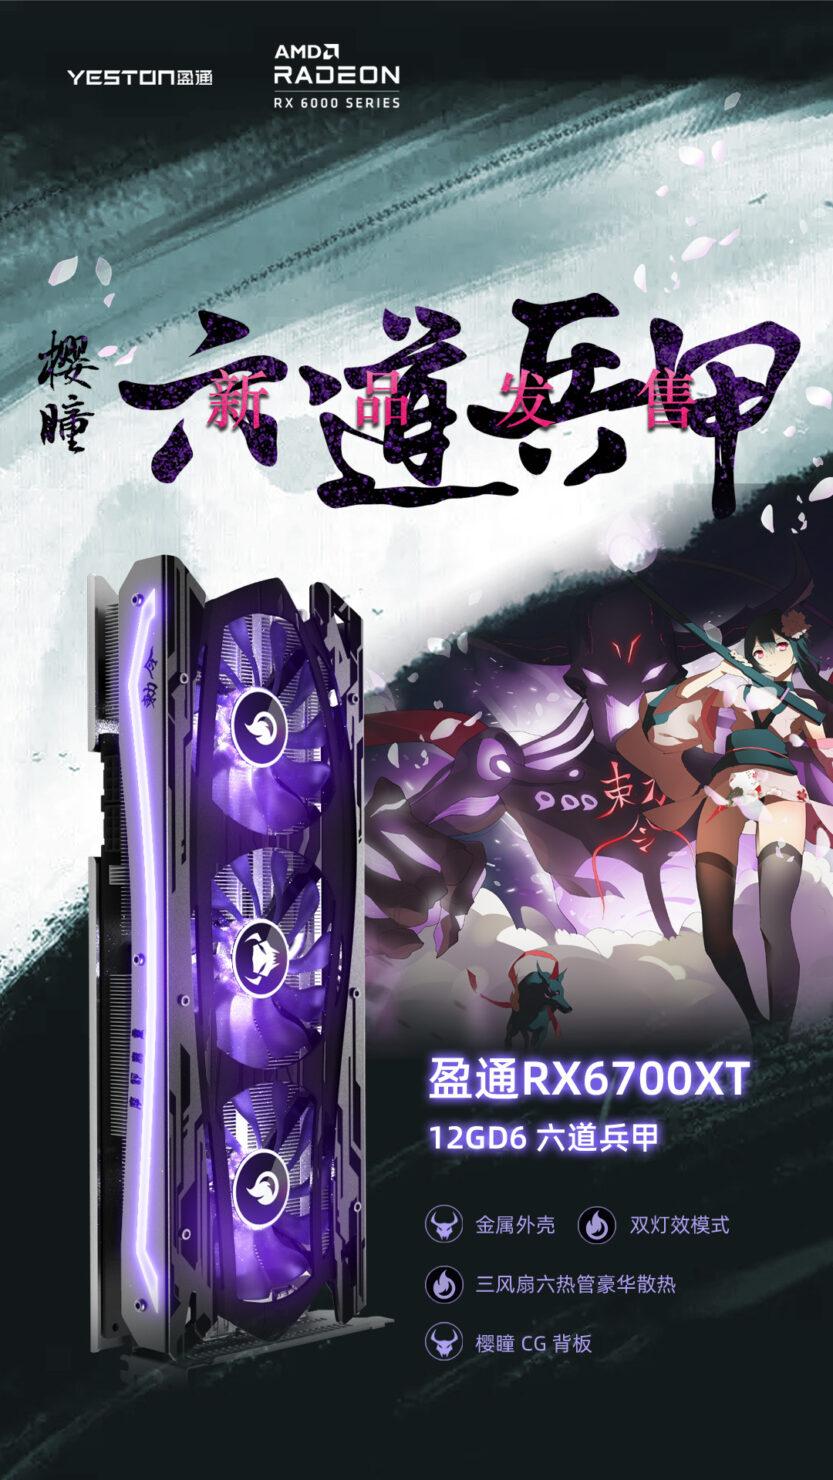 yeston-radeon-rx-6700-xt-sakura-hitomi-graphics-card-_1